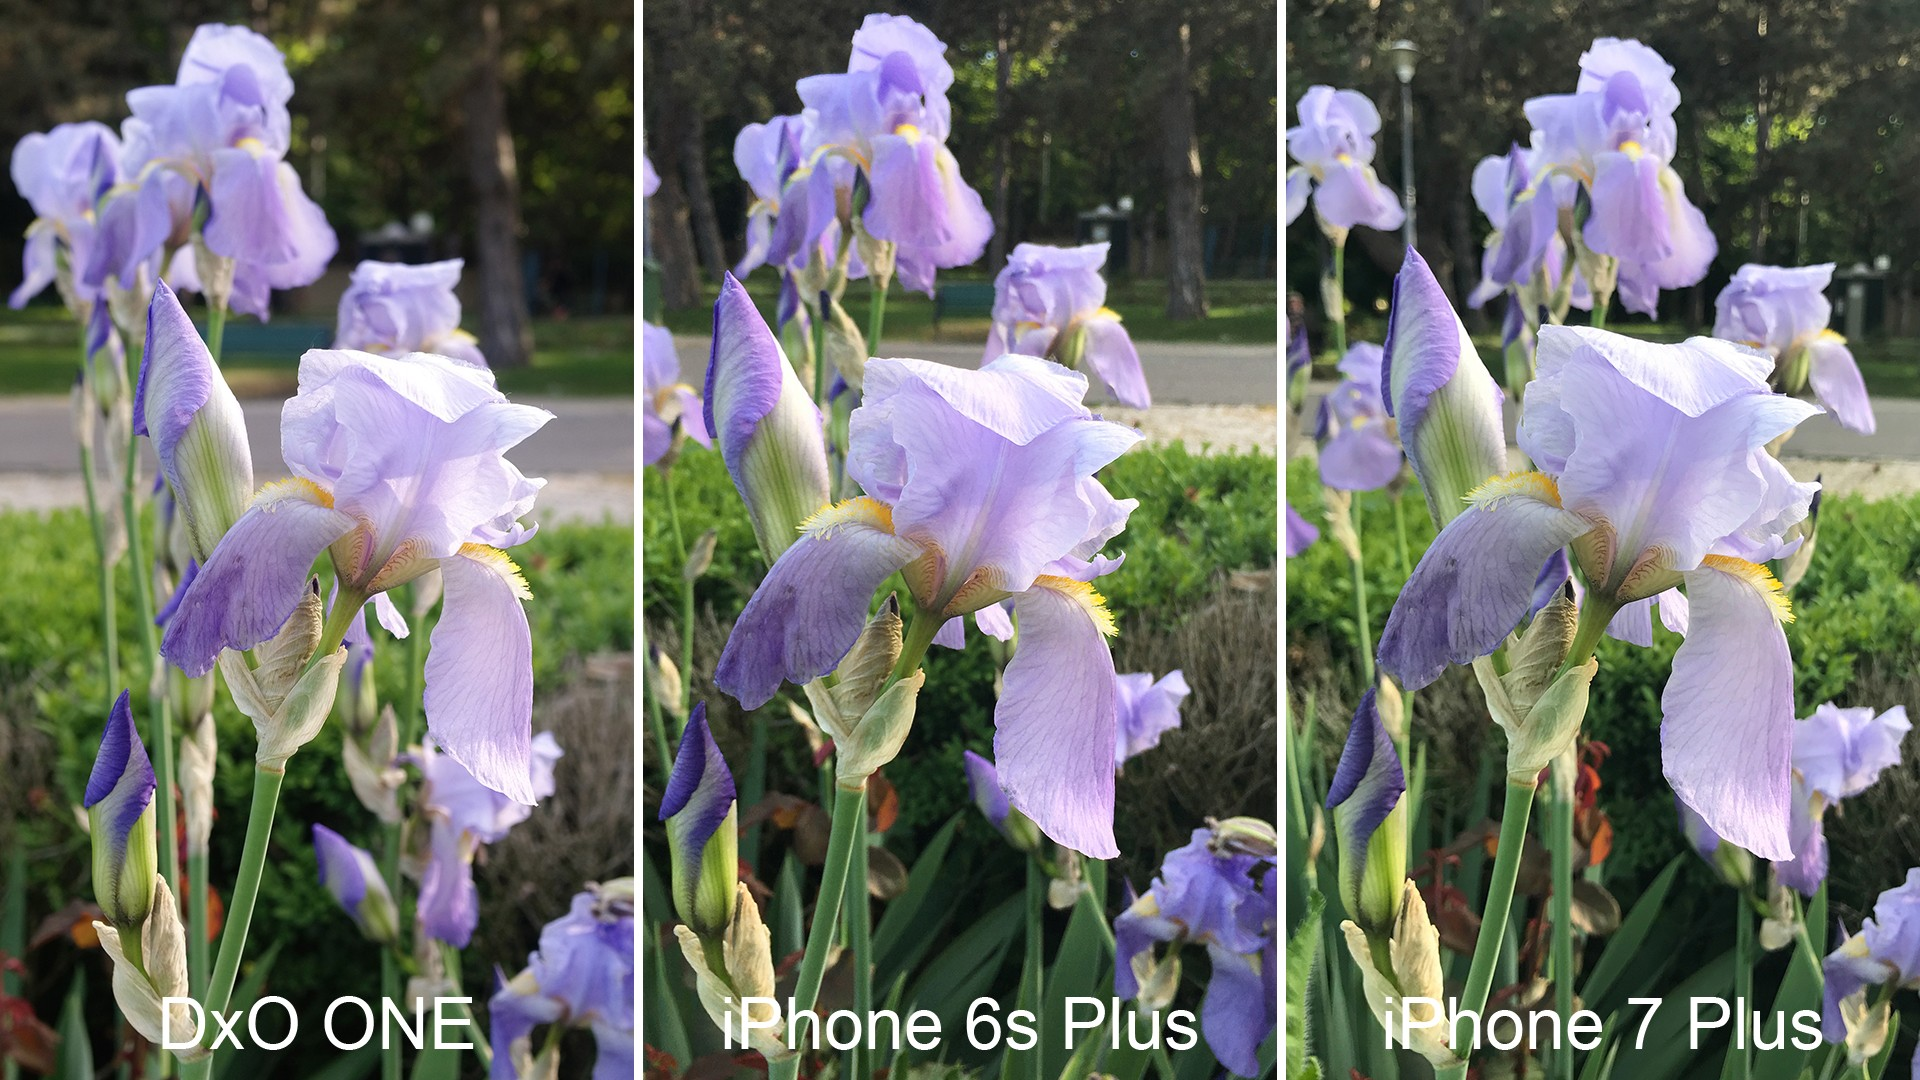 IPHONE 6 VS IPHONE 6S PLUS